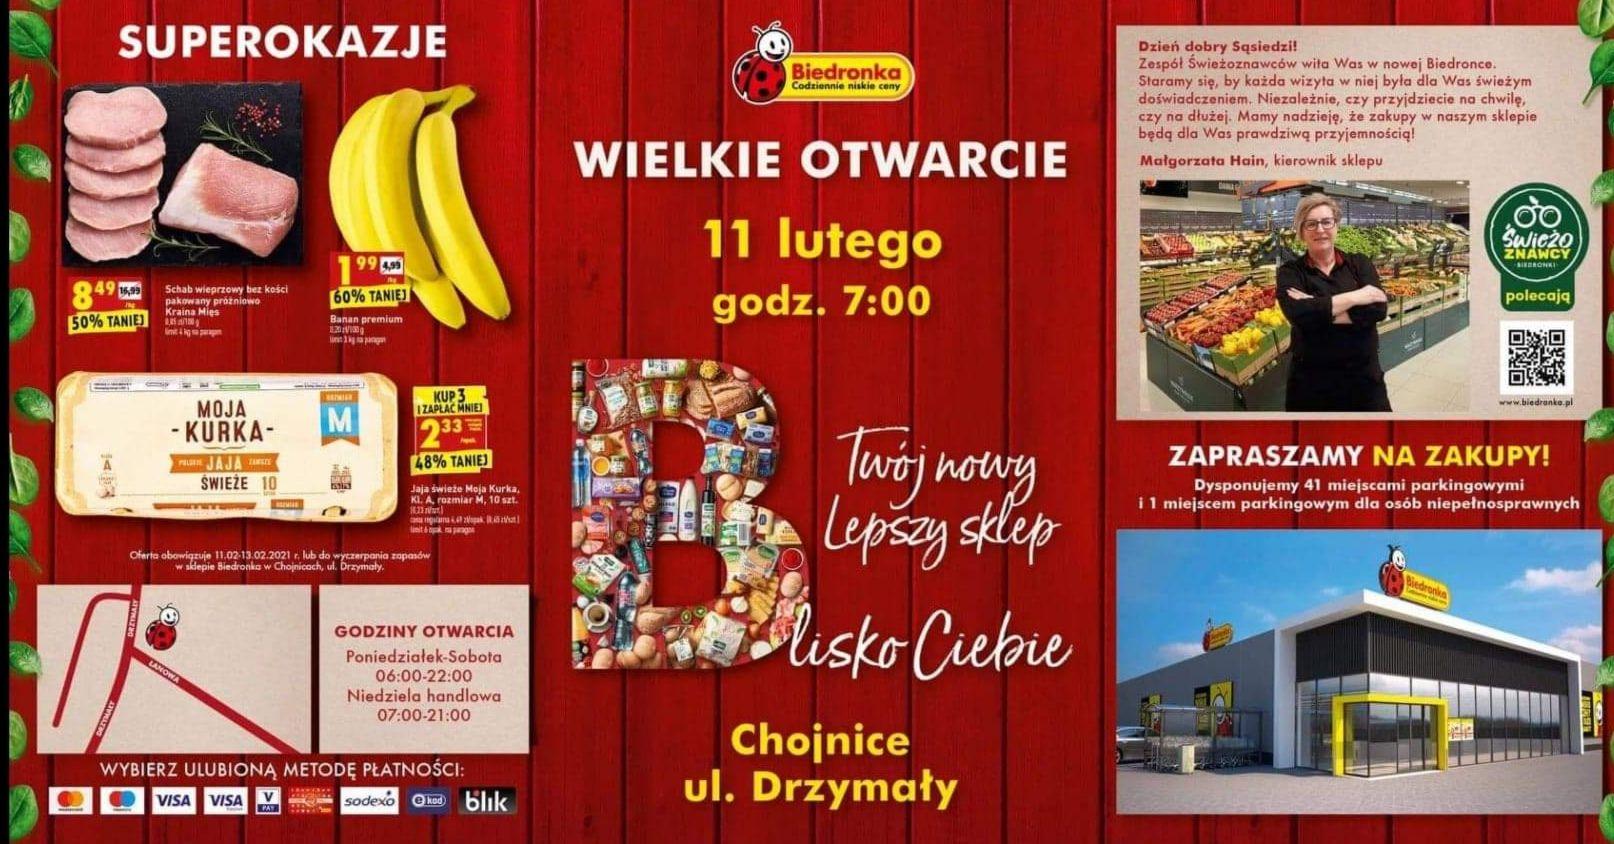 Otwarcie Biedronki w Chojnicach, np. banany